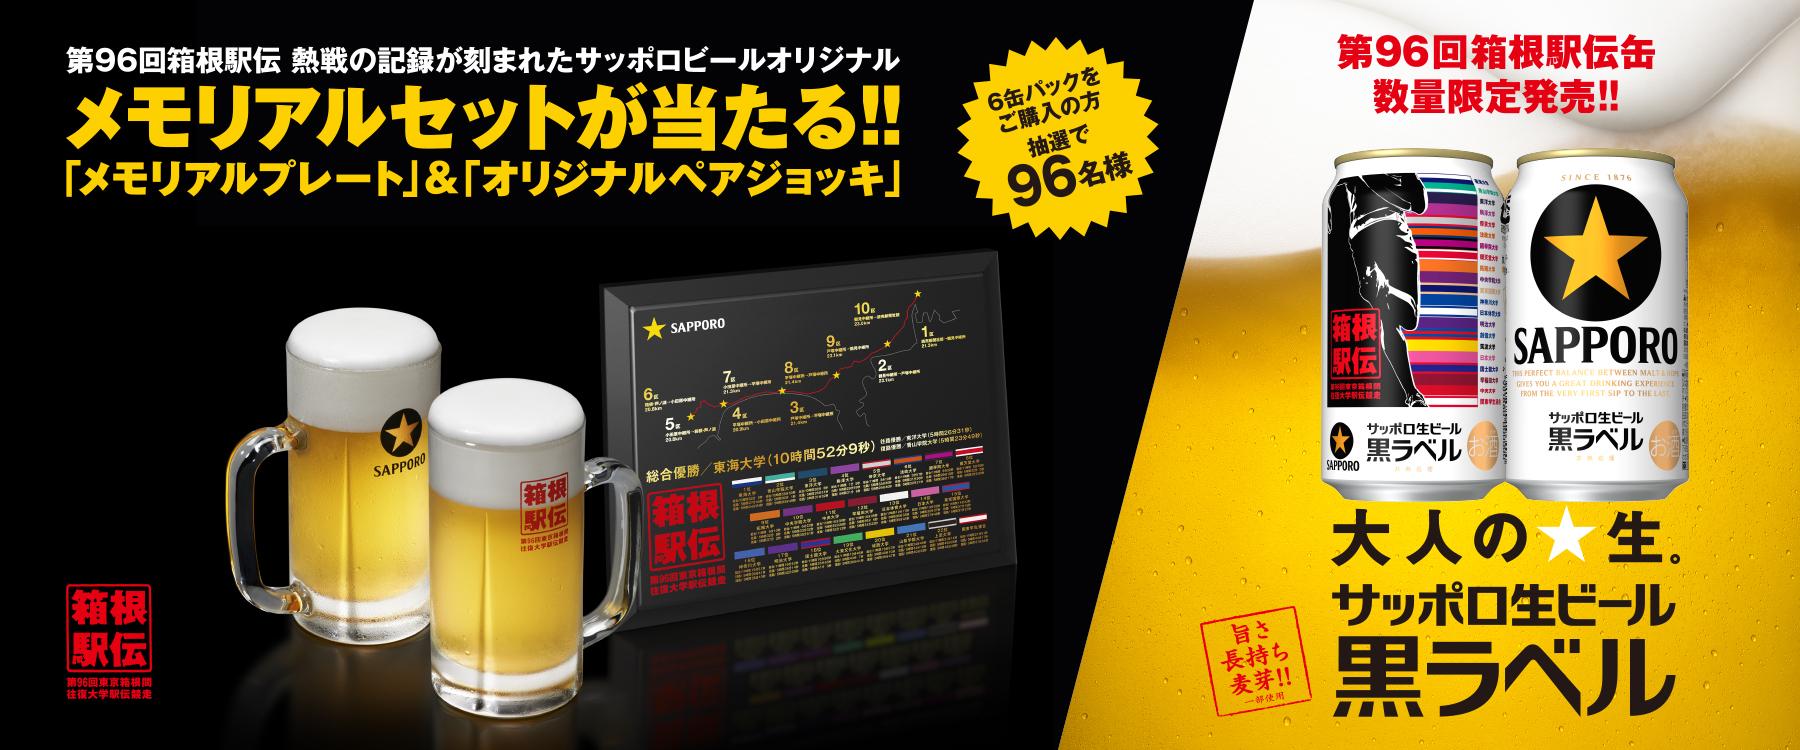 ビール 駅伝 サッポロ cm 箱根